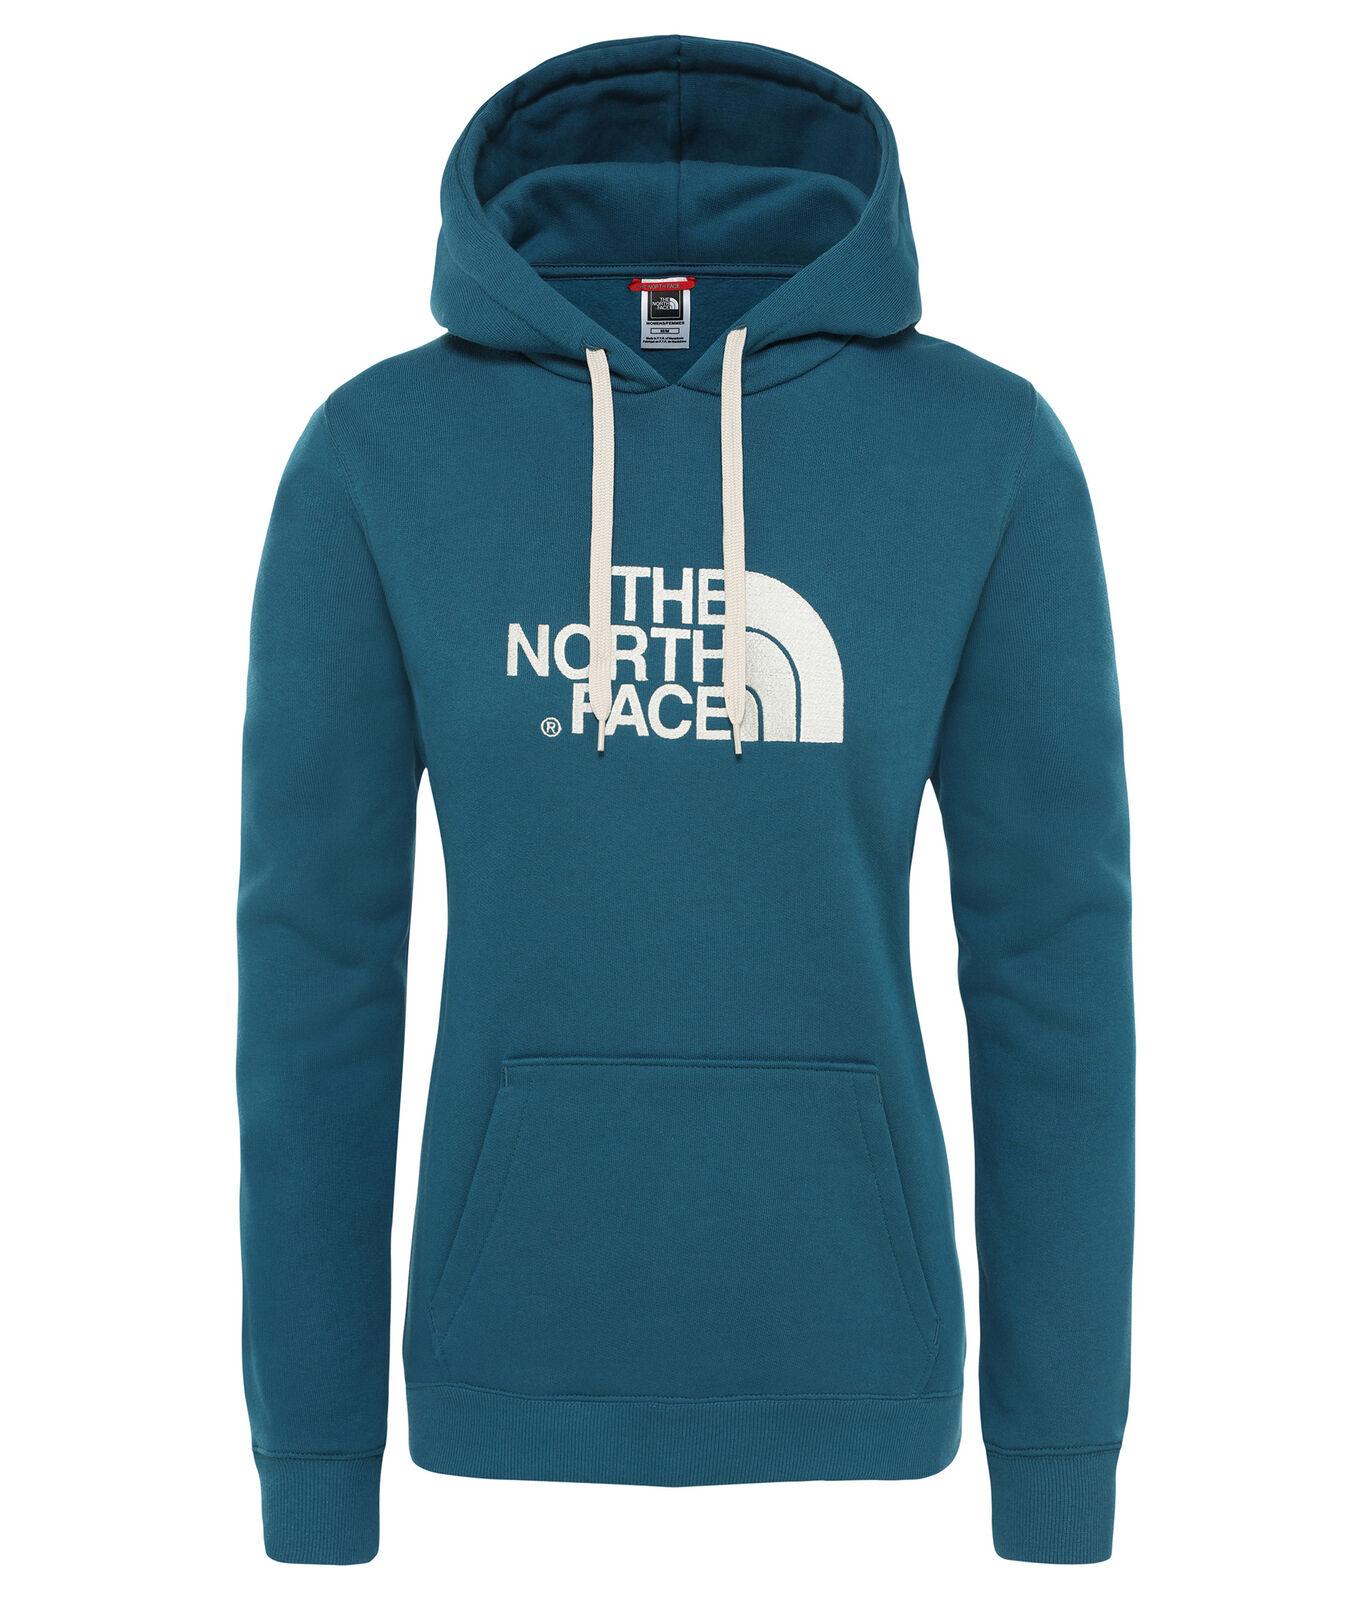 The North Face Womens Drew Peak Hoodie - Casual Warm Pul r Hoody